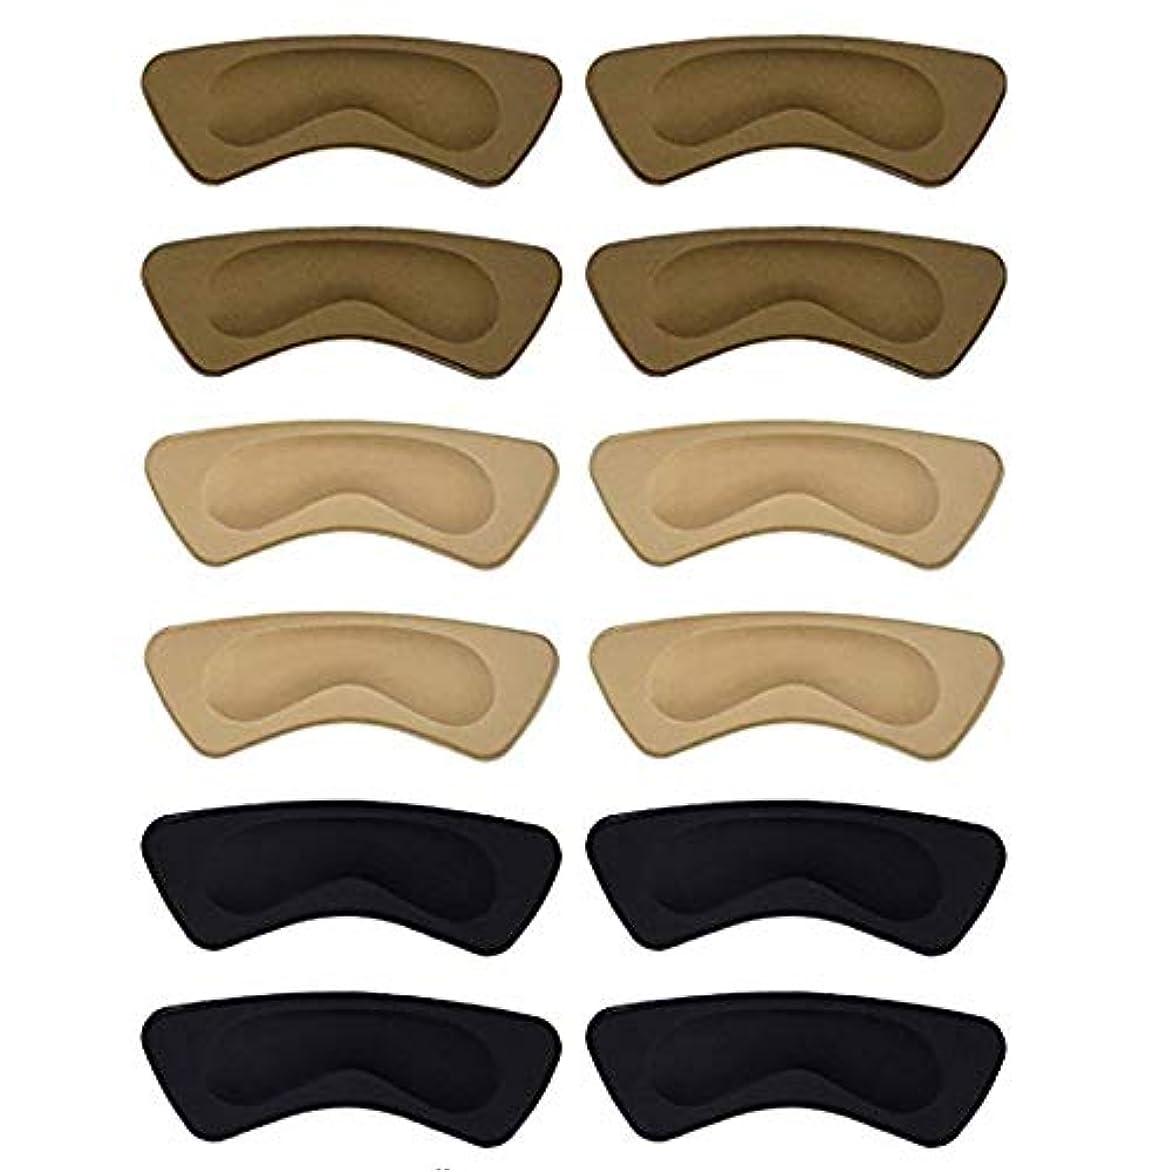 フルートおとうさんヨーロッパヒールパッド ヒール かかと 靴擦れ サイズ調整 靴ずれ かかと 脱げ 防止 くつずれ防止パッド